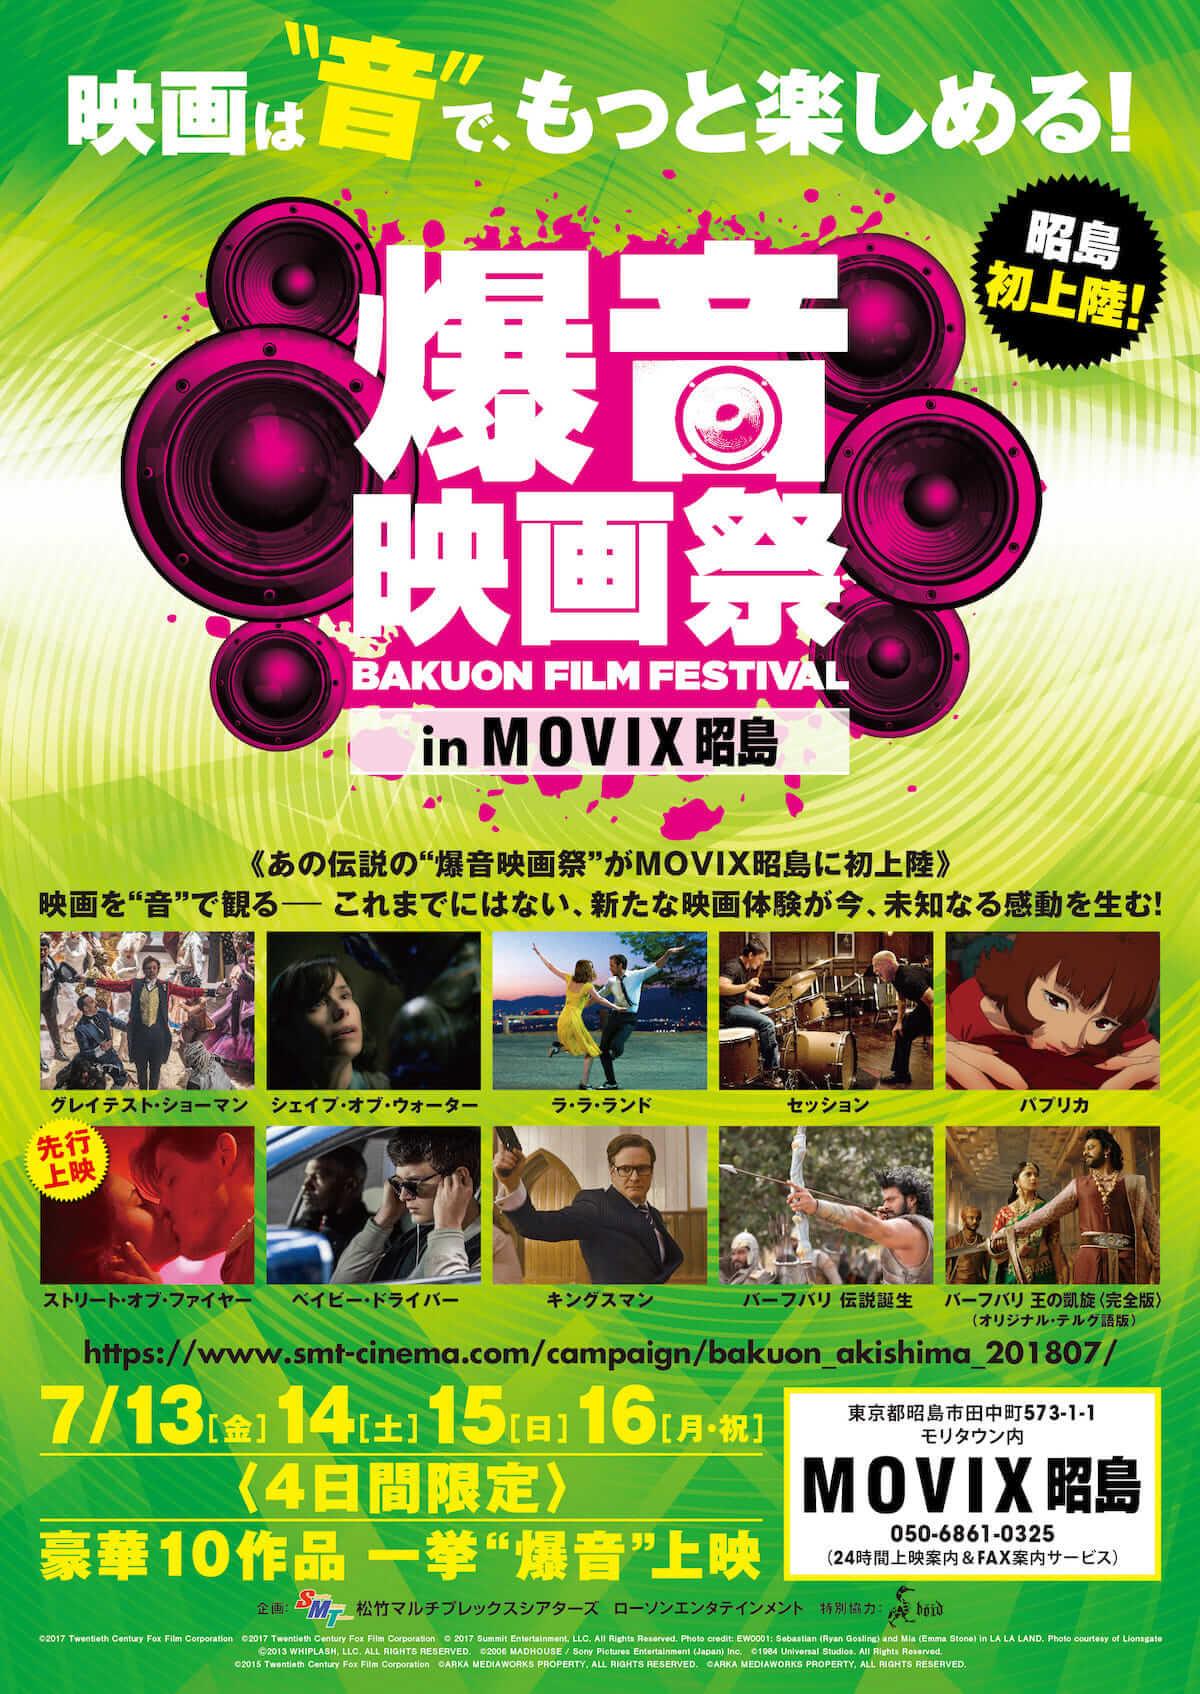 爆音映画祭 in MOVIX昭島開催決定!『ストリート・オブ・ファイヤー』爆音最速先行上映、『ベイビー・ドライバー』を含む計10本の名作を上映 film180614_bakuon_akishima_02-1200x1694